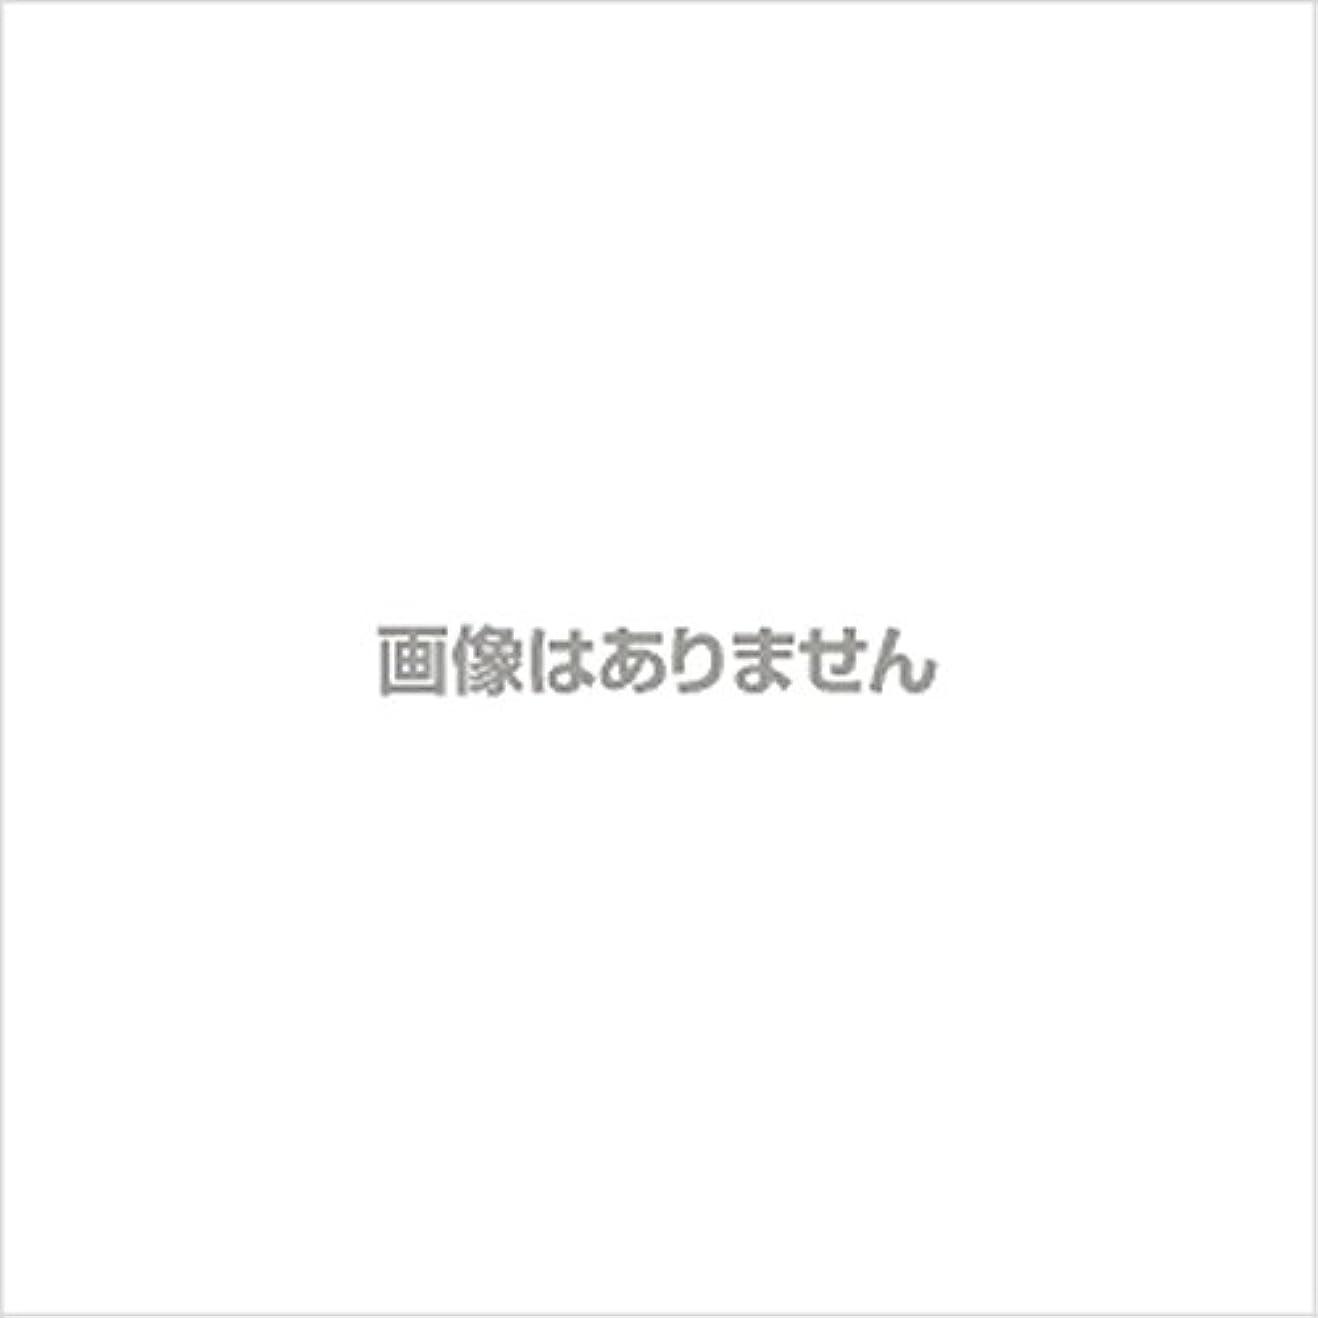 申請中衣服女王日立マクセル ポータブルシェーバー(乾電池式) M-SH-40GN